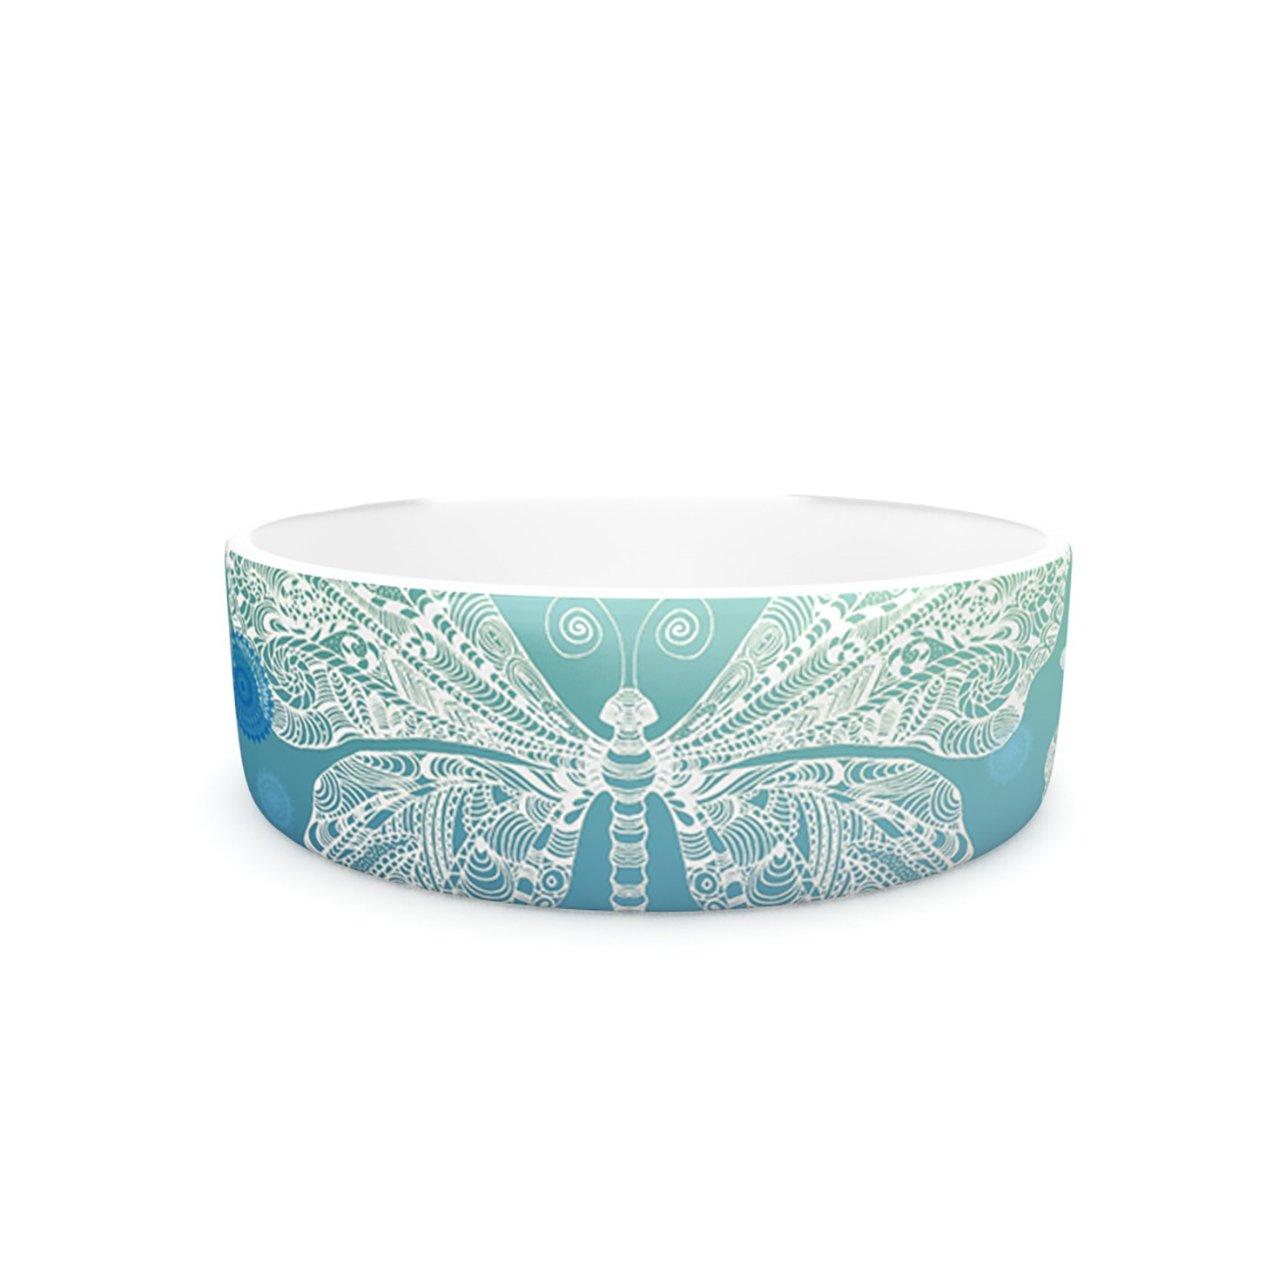 Kess InHouse Monika Strigel Butterfly Dreams Ocean  Pet Bowl, 7-Inch, bluee Green